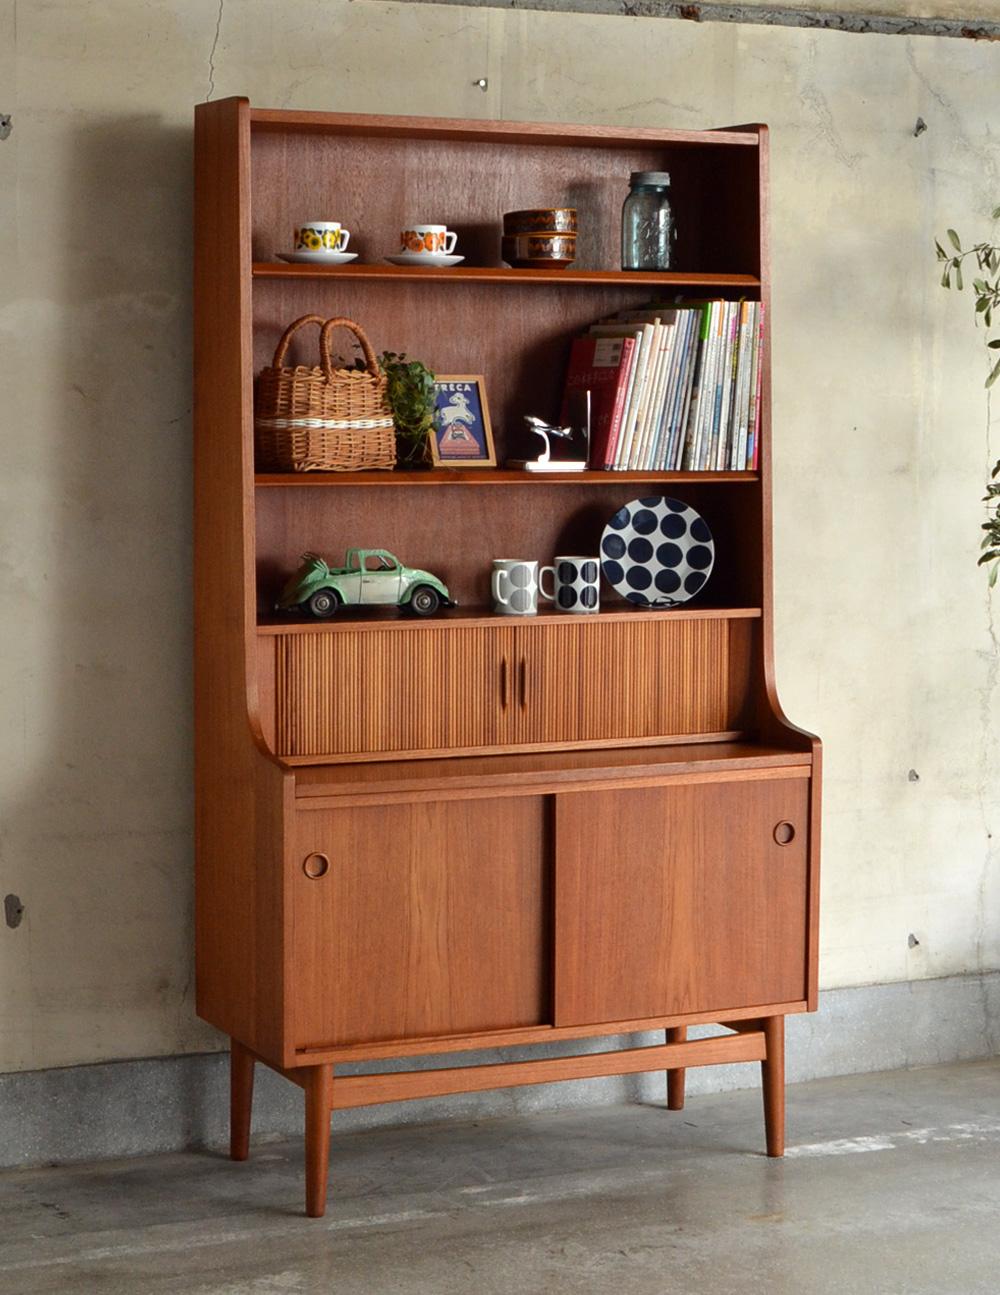 デンマークのヴィンテージ家具、デスク付きのブックシェルフ(本棚